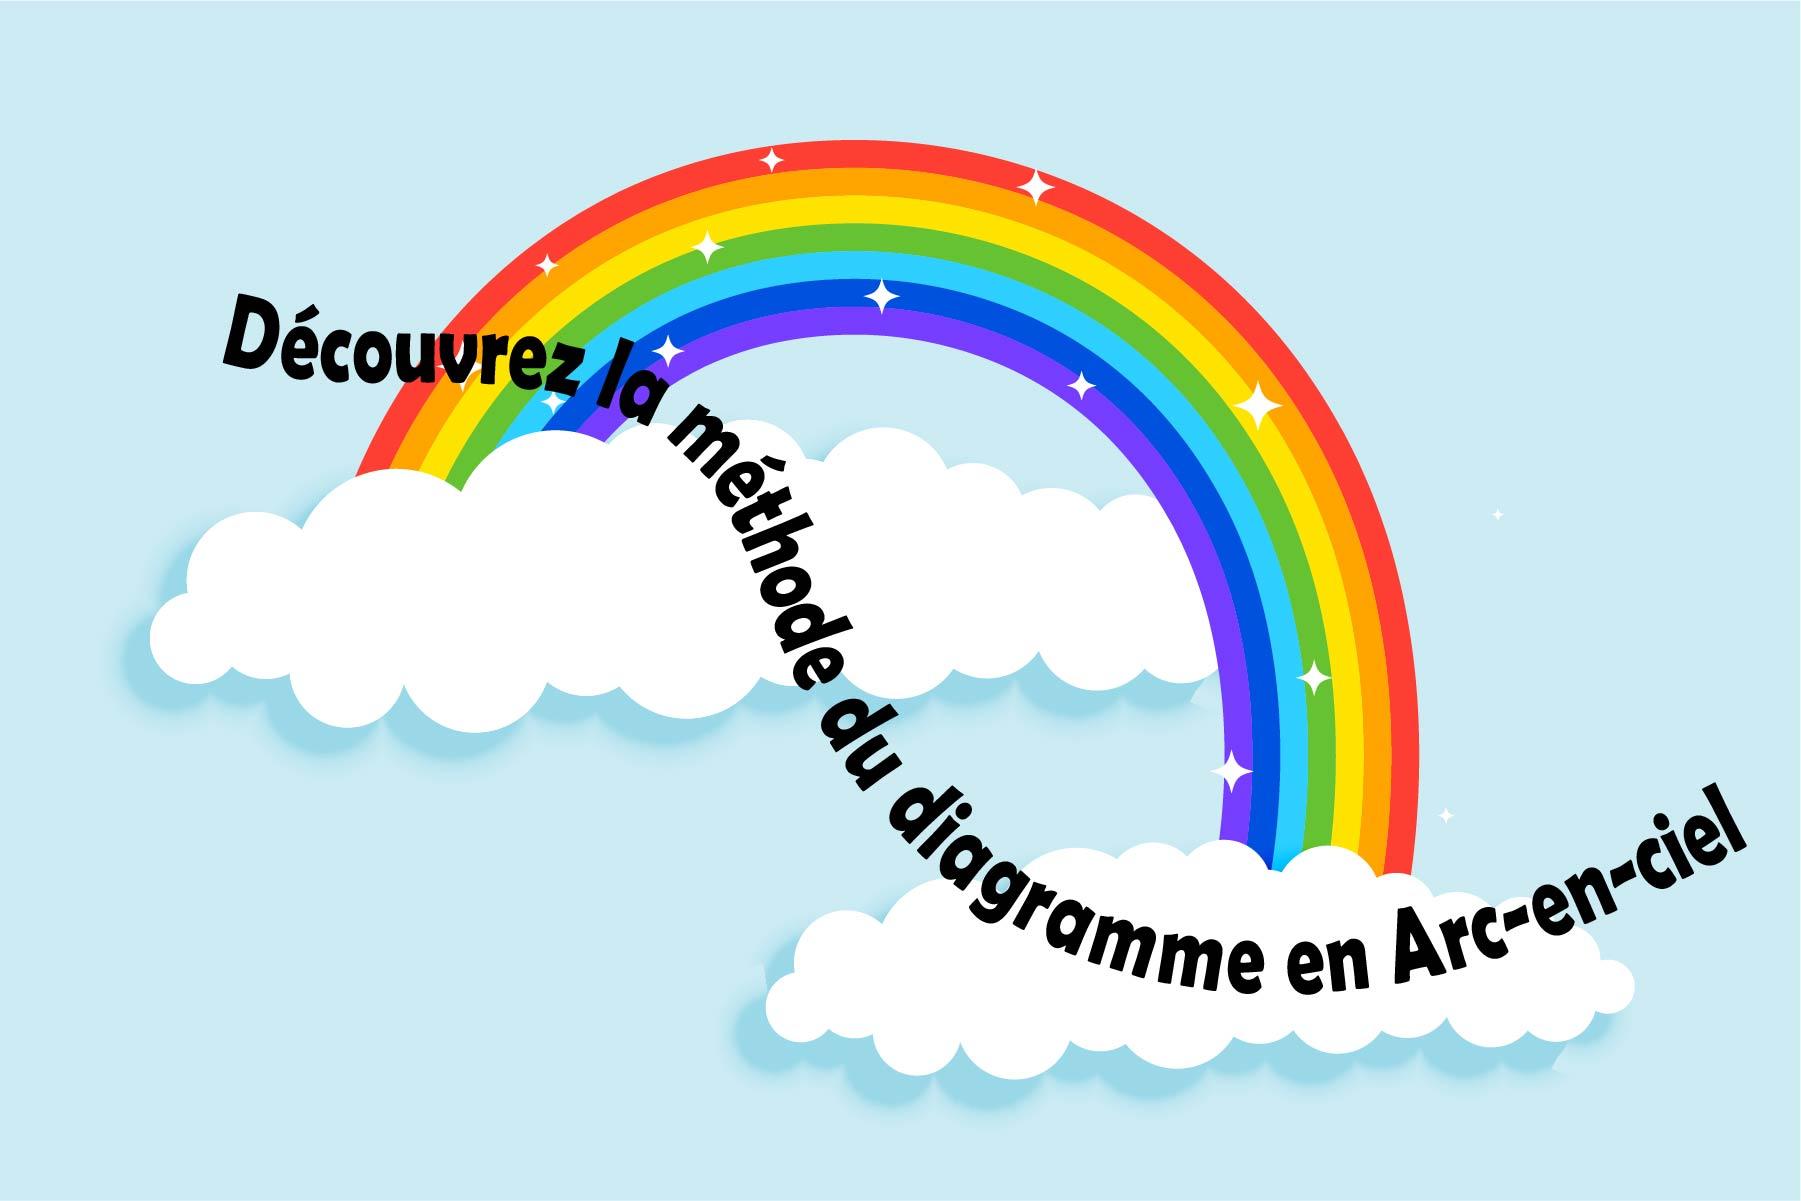 Trouver tous les diviseurs d'un nombre grâce à la méthode de l'arc-en-ciel